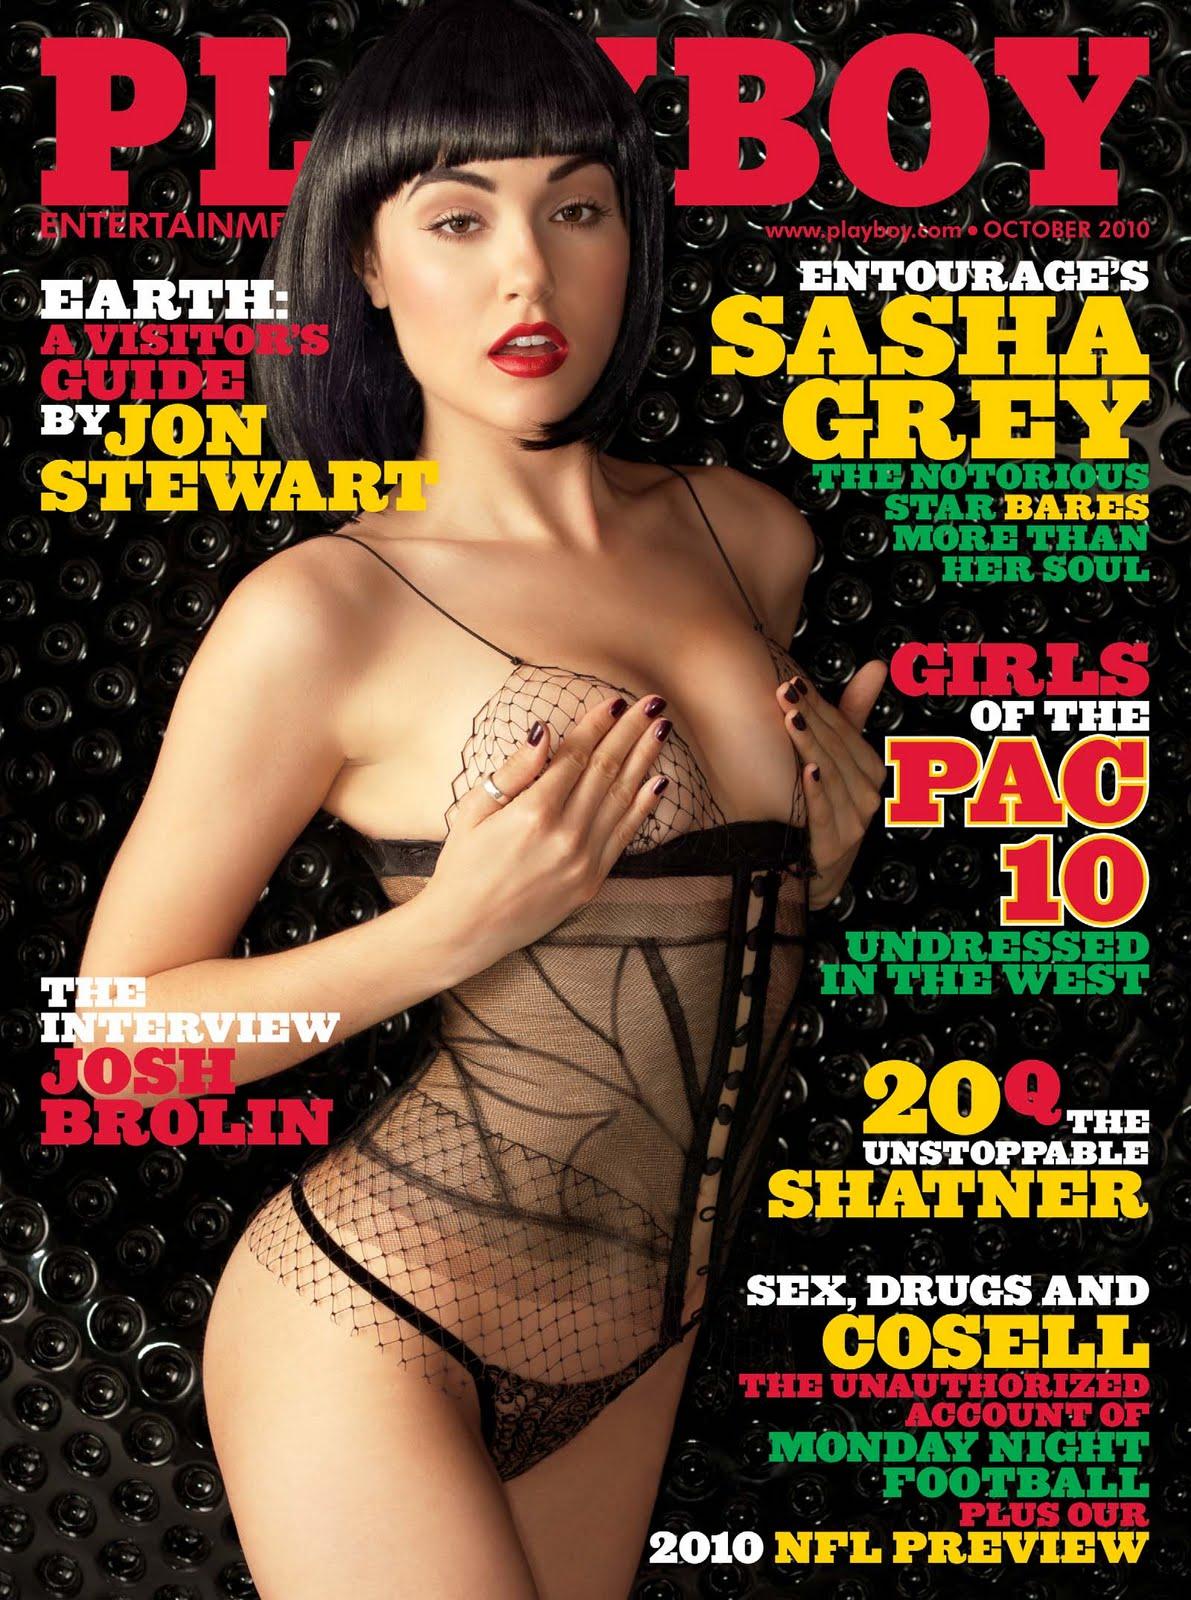 http://1.bp.blogspot.com/_hgE4GNsyu6g/TJtduoD5MXI/AAAAAAAACdg/HdzWQ03ZBJA/s1600/SashaGrey_Playboy_Oct20101_123_22lo.jpg